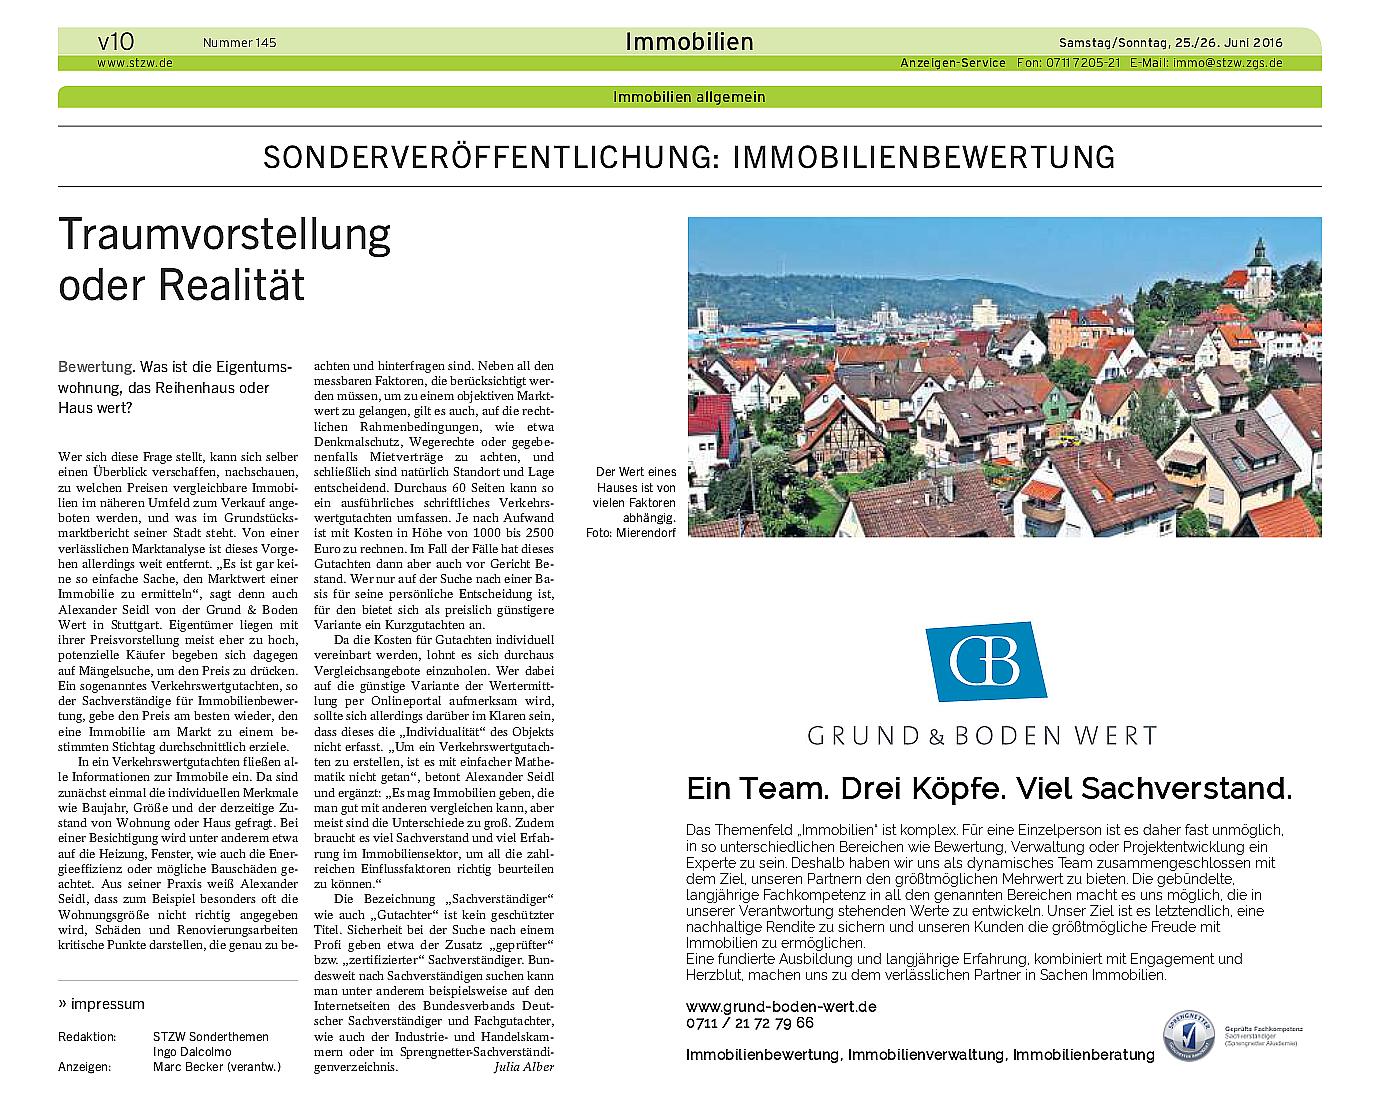 Sachverständige für Immobilienbewertung in Stuttgart